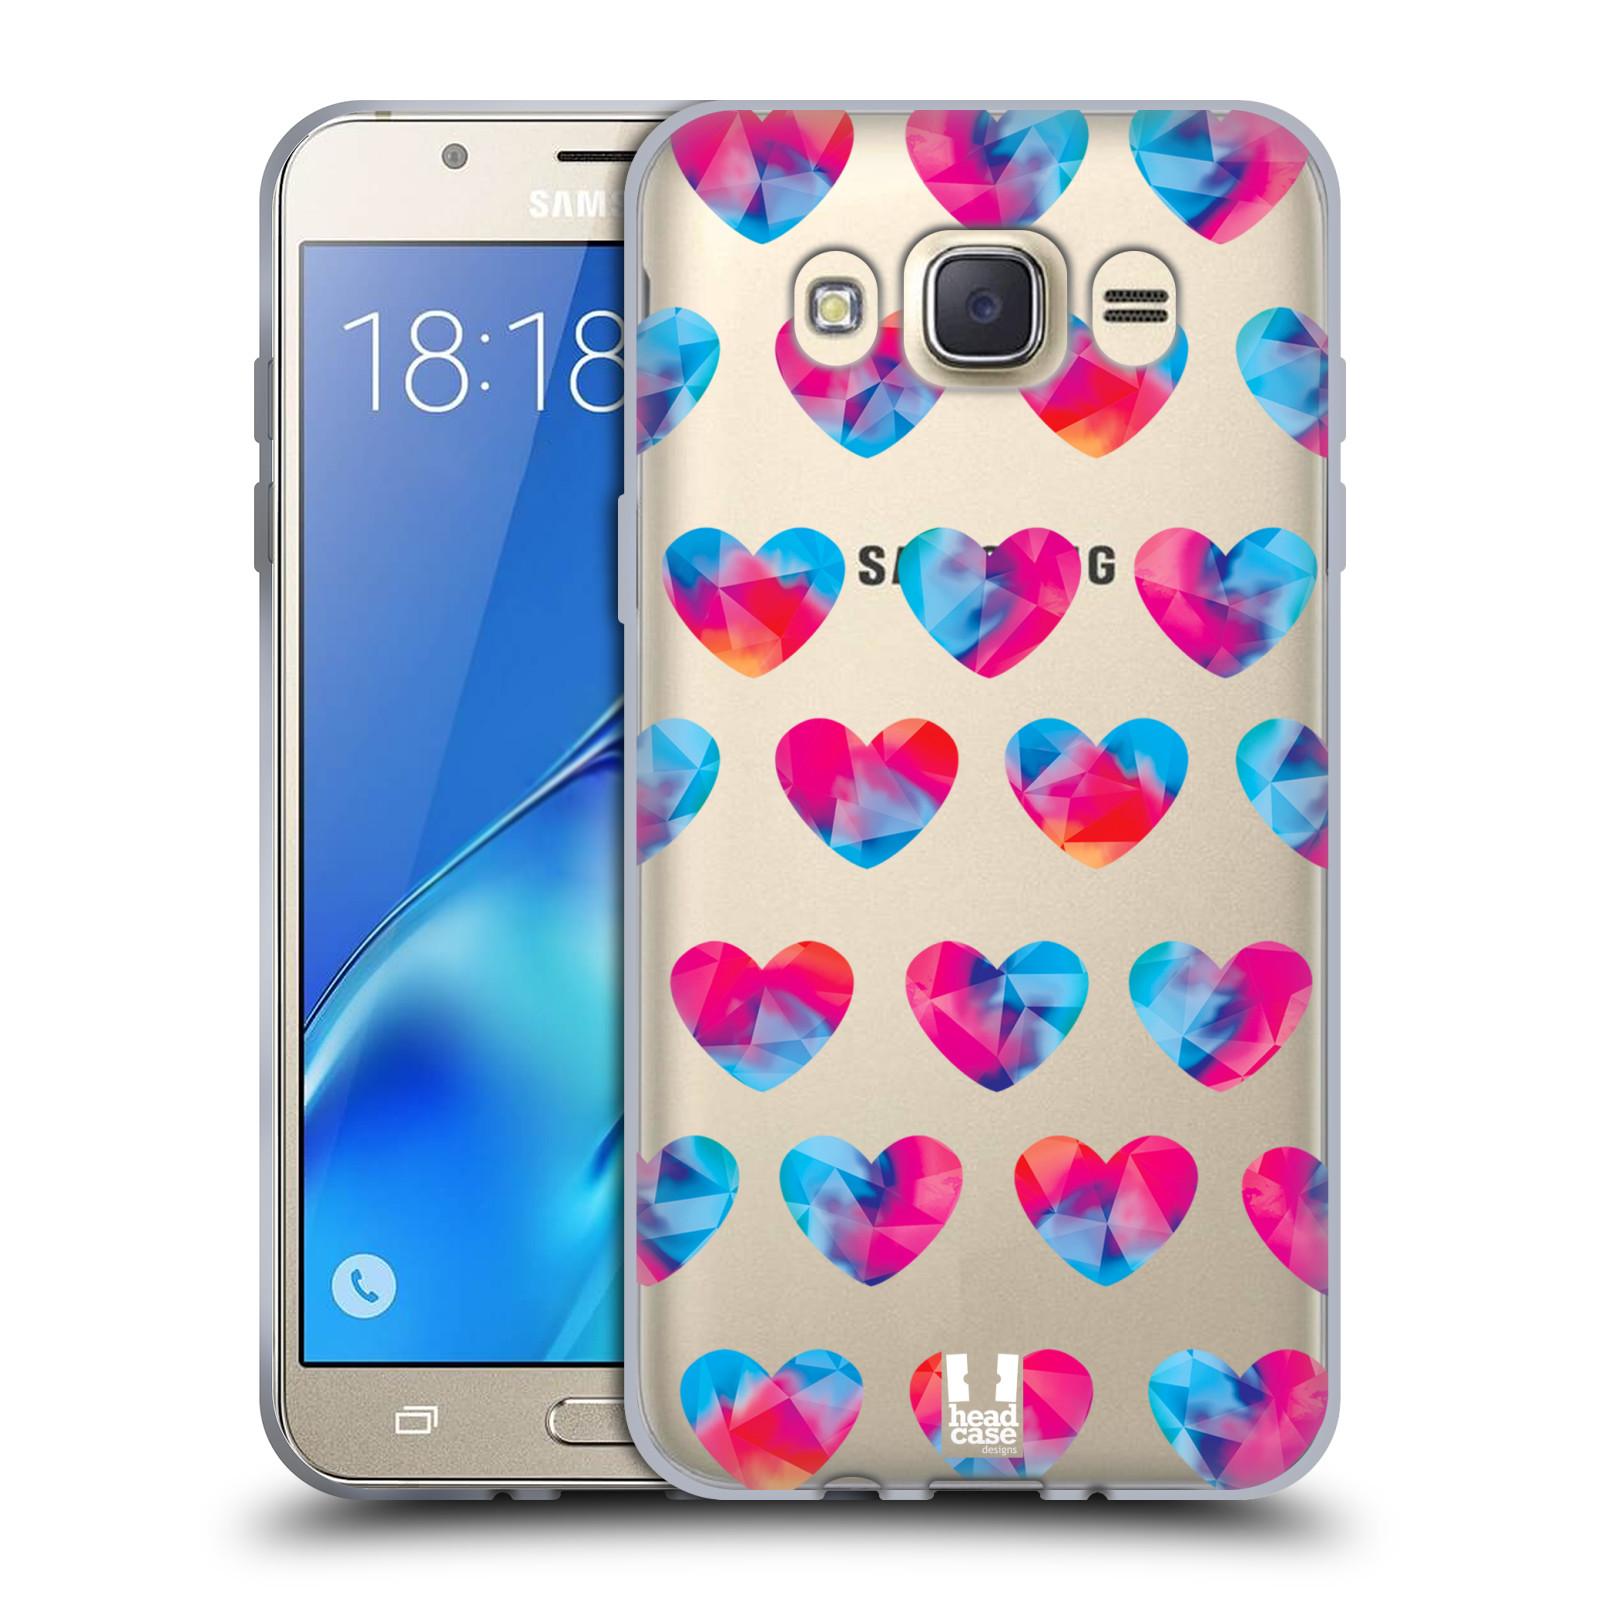 Silikonové pouzdro na mobil Samsung Galaxy J7 (2016) - Head Case - Srdíčka hrající barvami